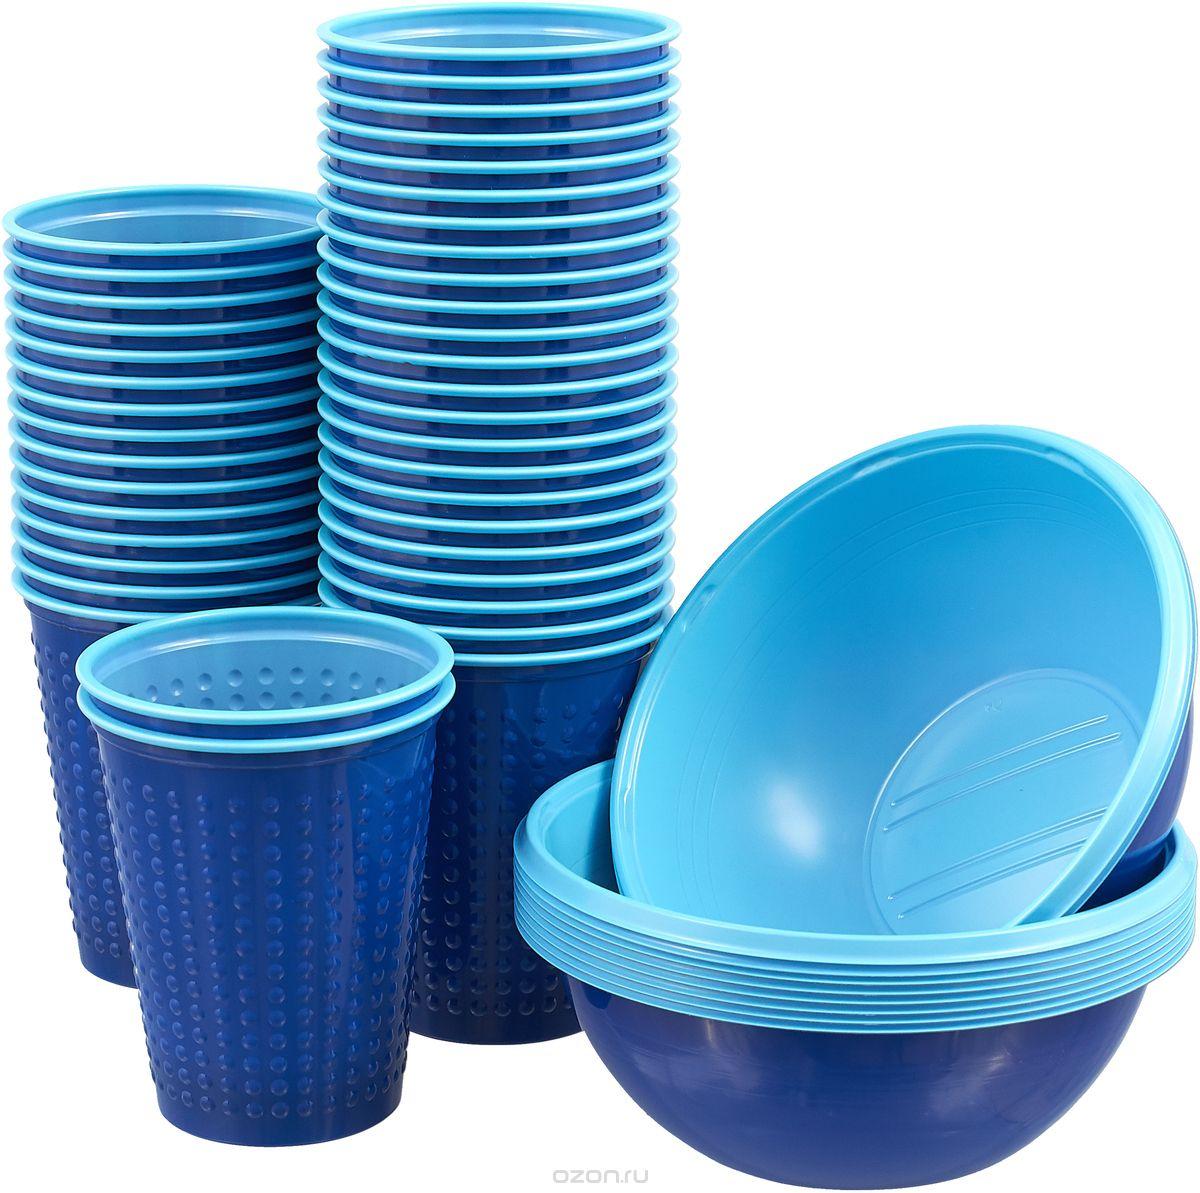 Пищевые пластиковые одноразовые контейнеры для еды